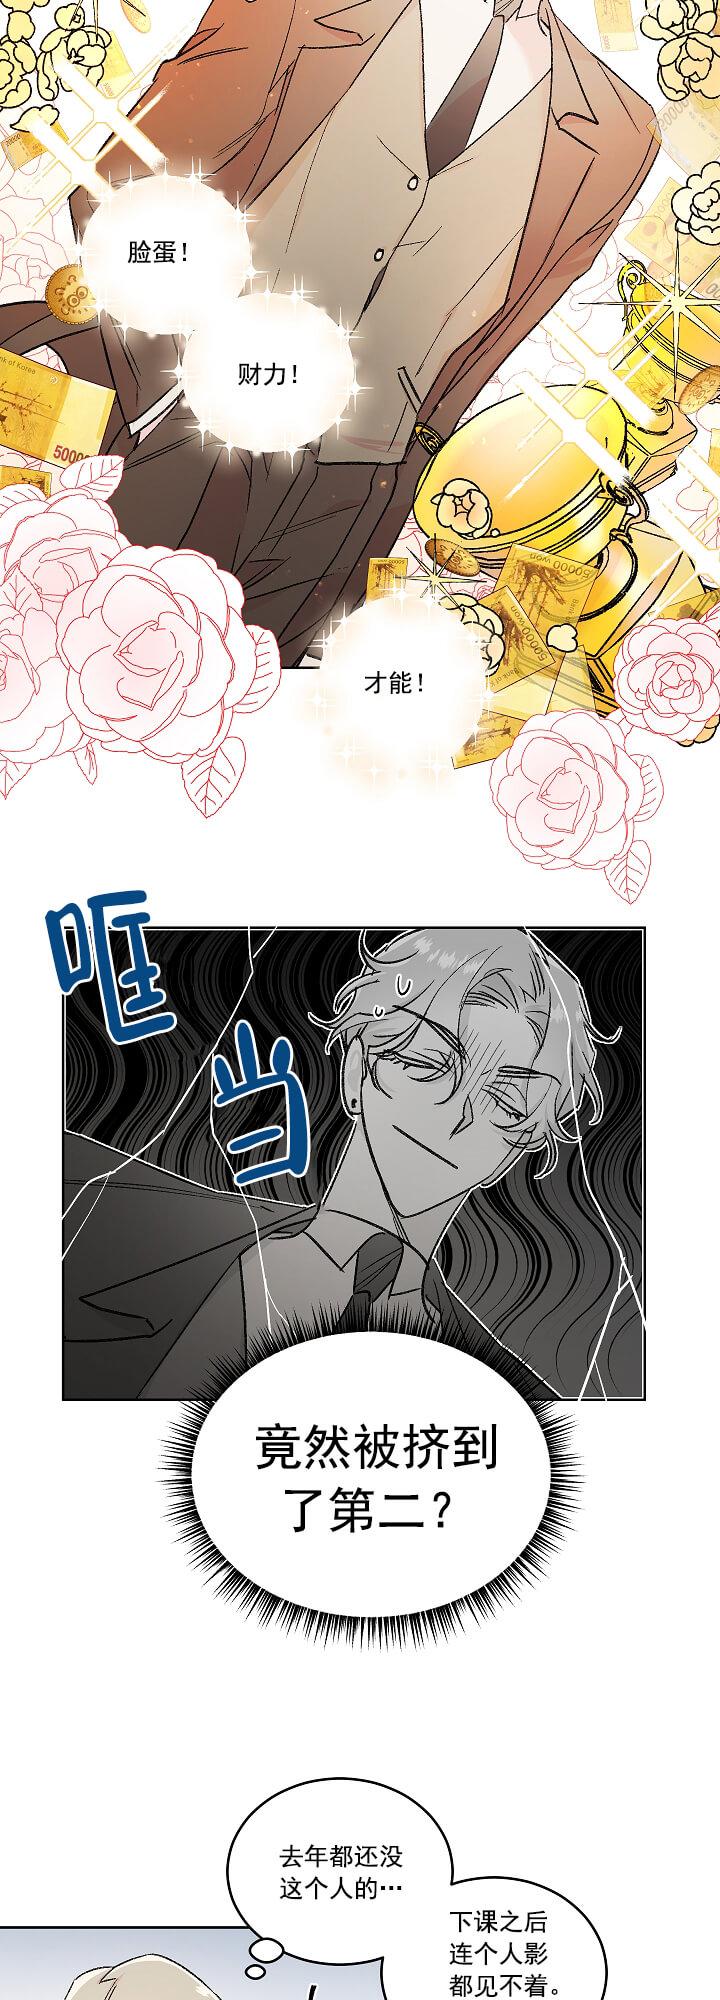 韩漫 | 《秘密疗法》永远的第一名之第二名的逆袭  第16张